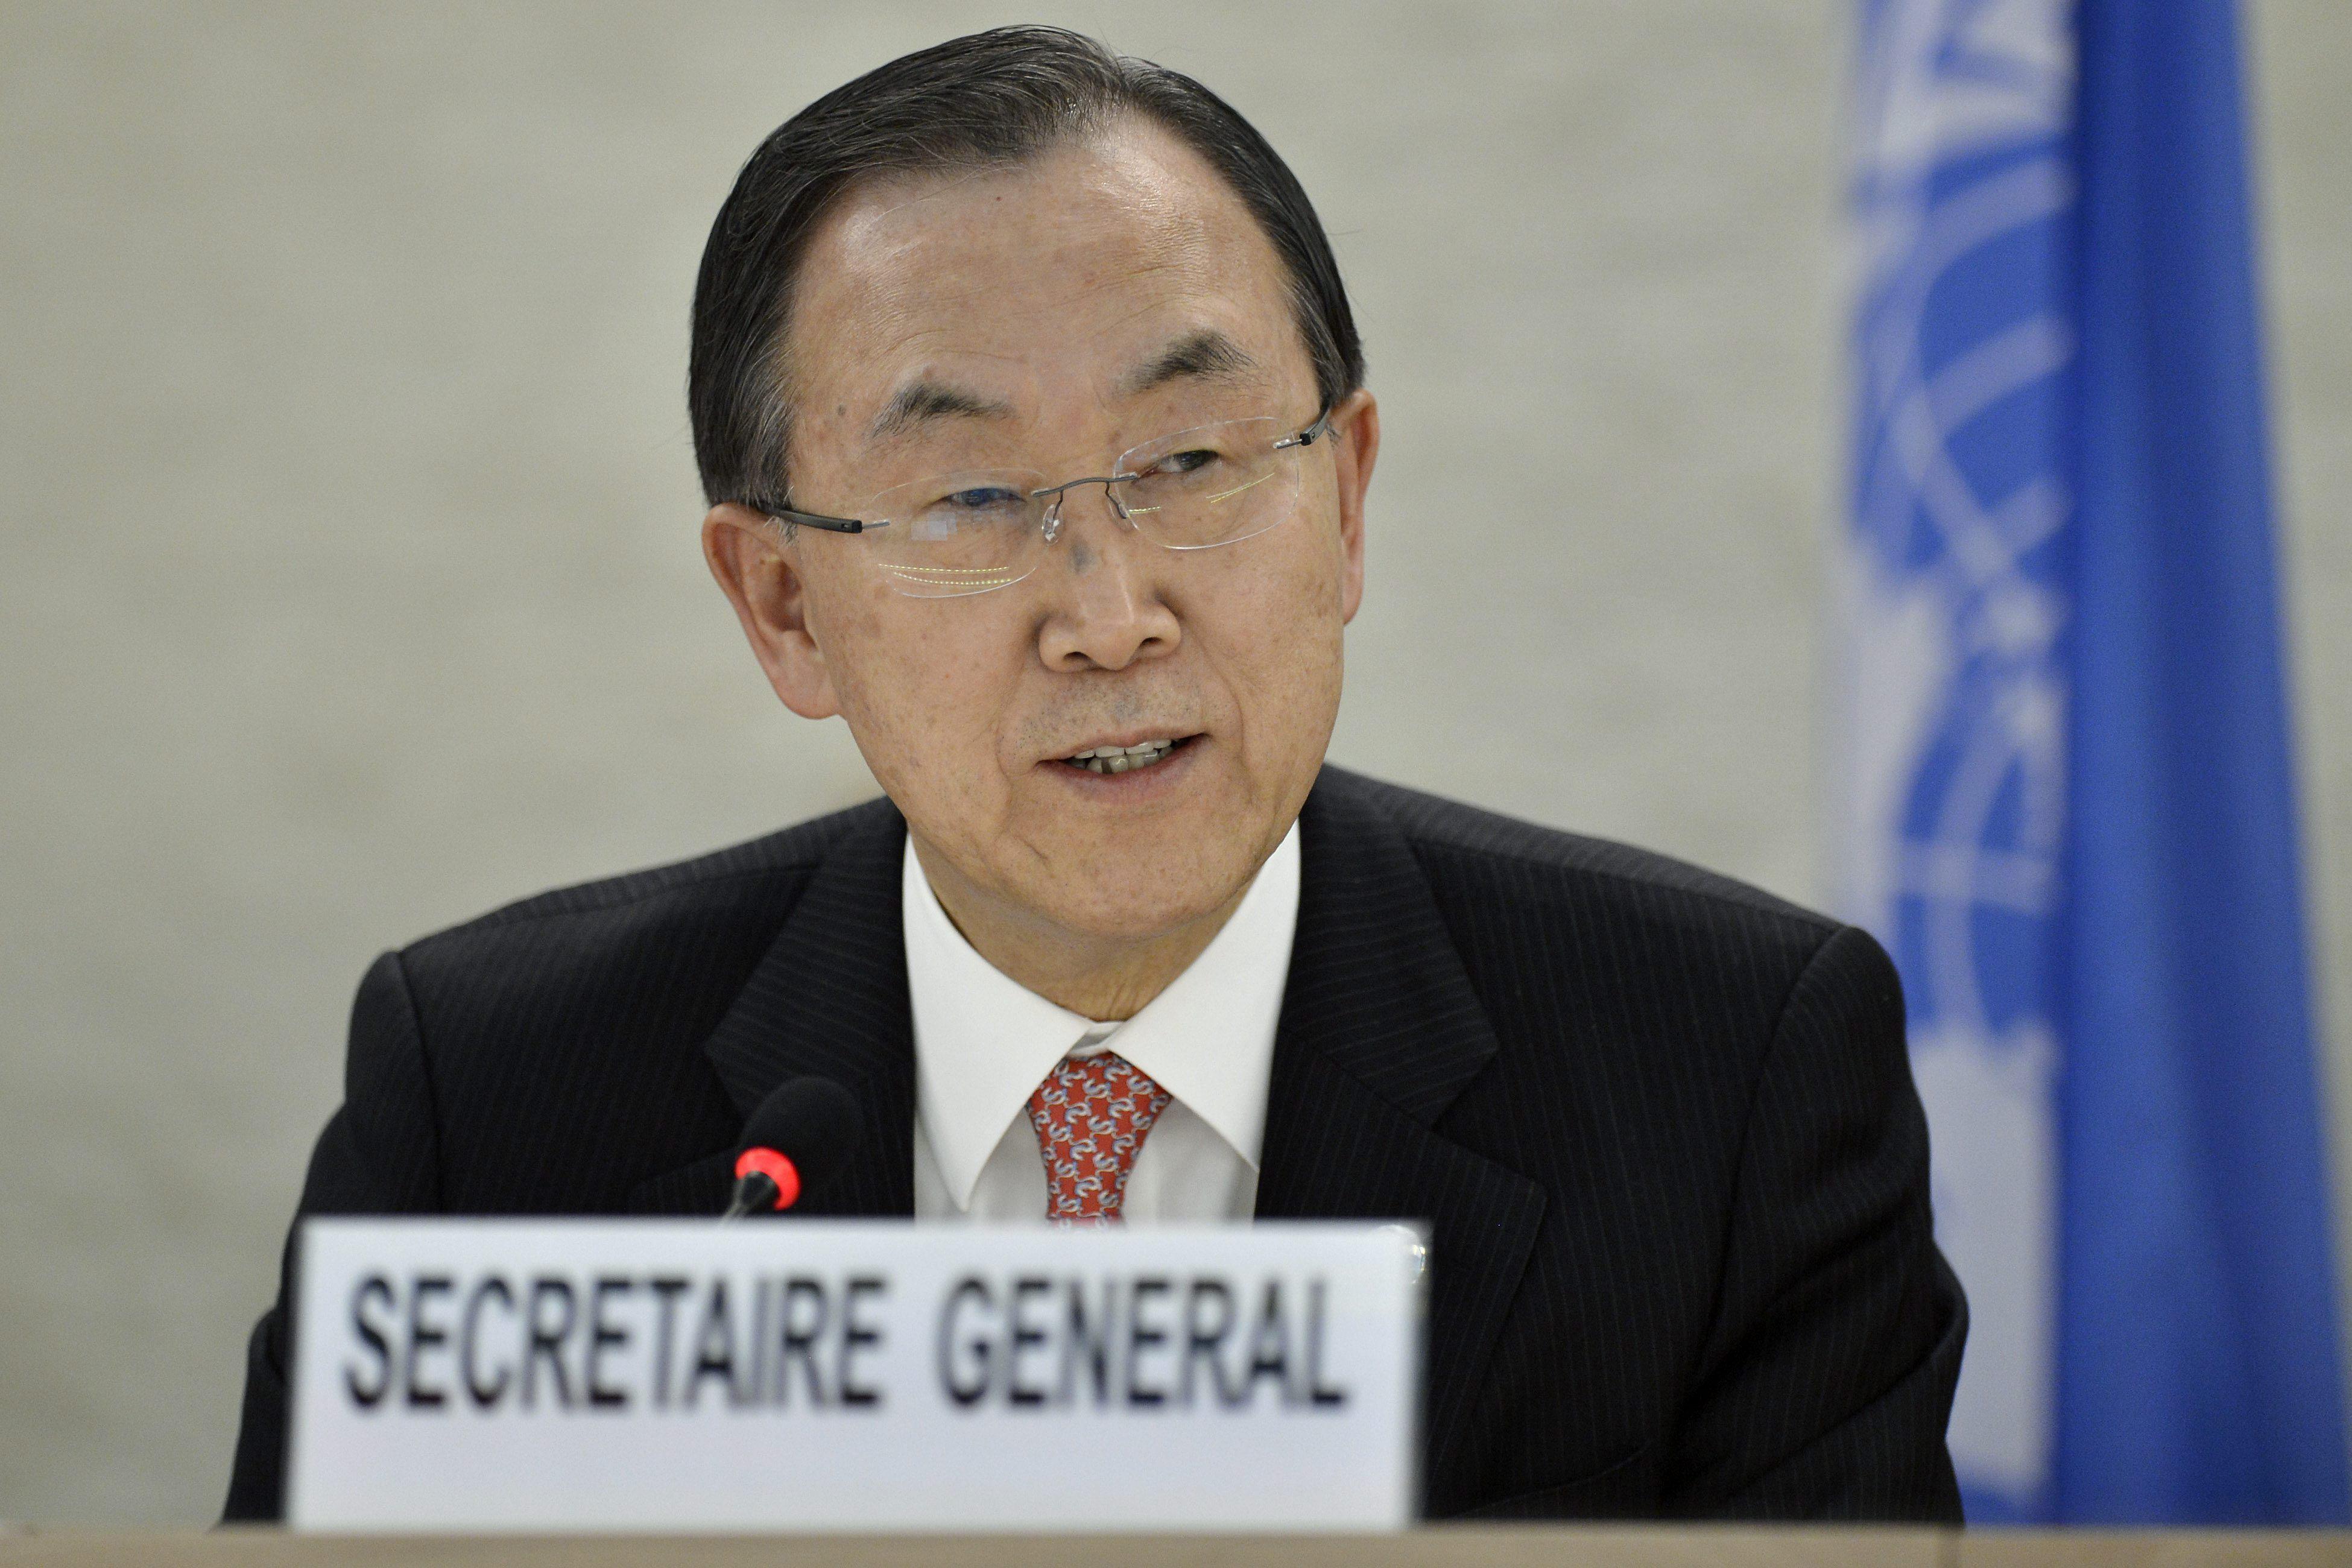 La ONU homenajea a un «gigante de nuestro tiempo» e icono de justicia e igualdad